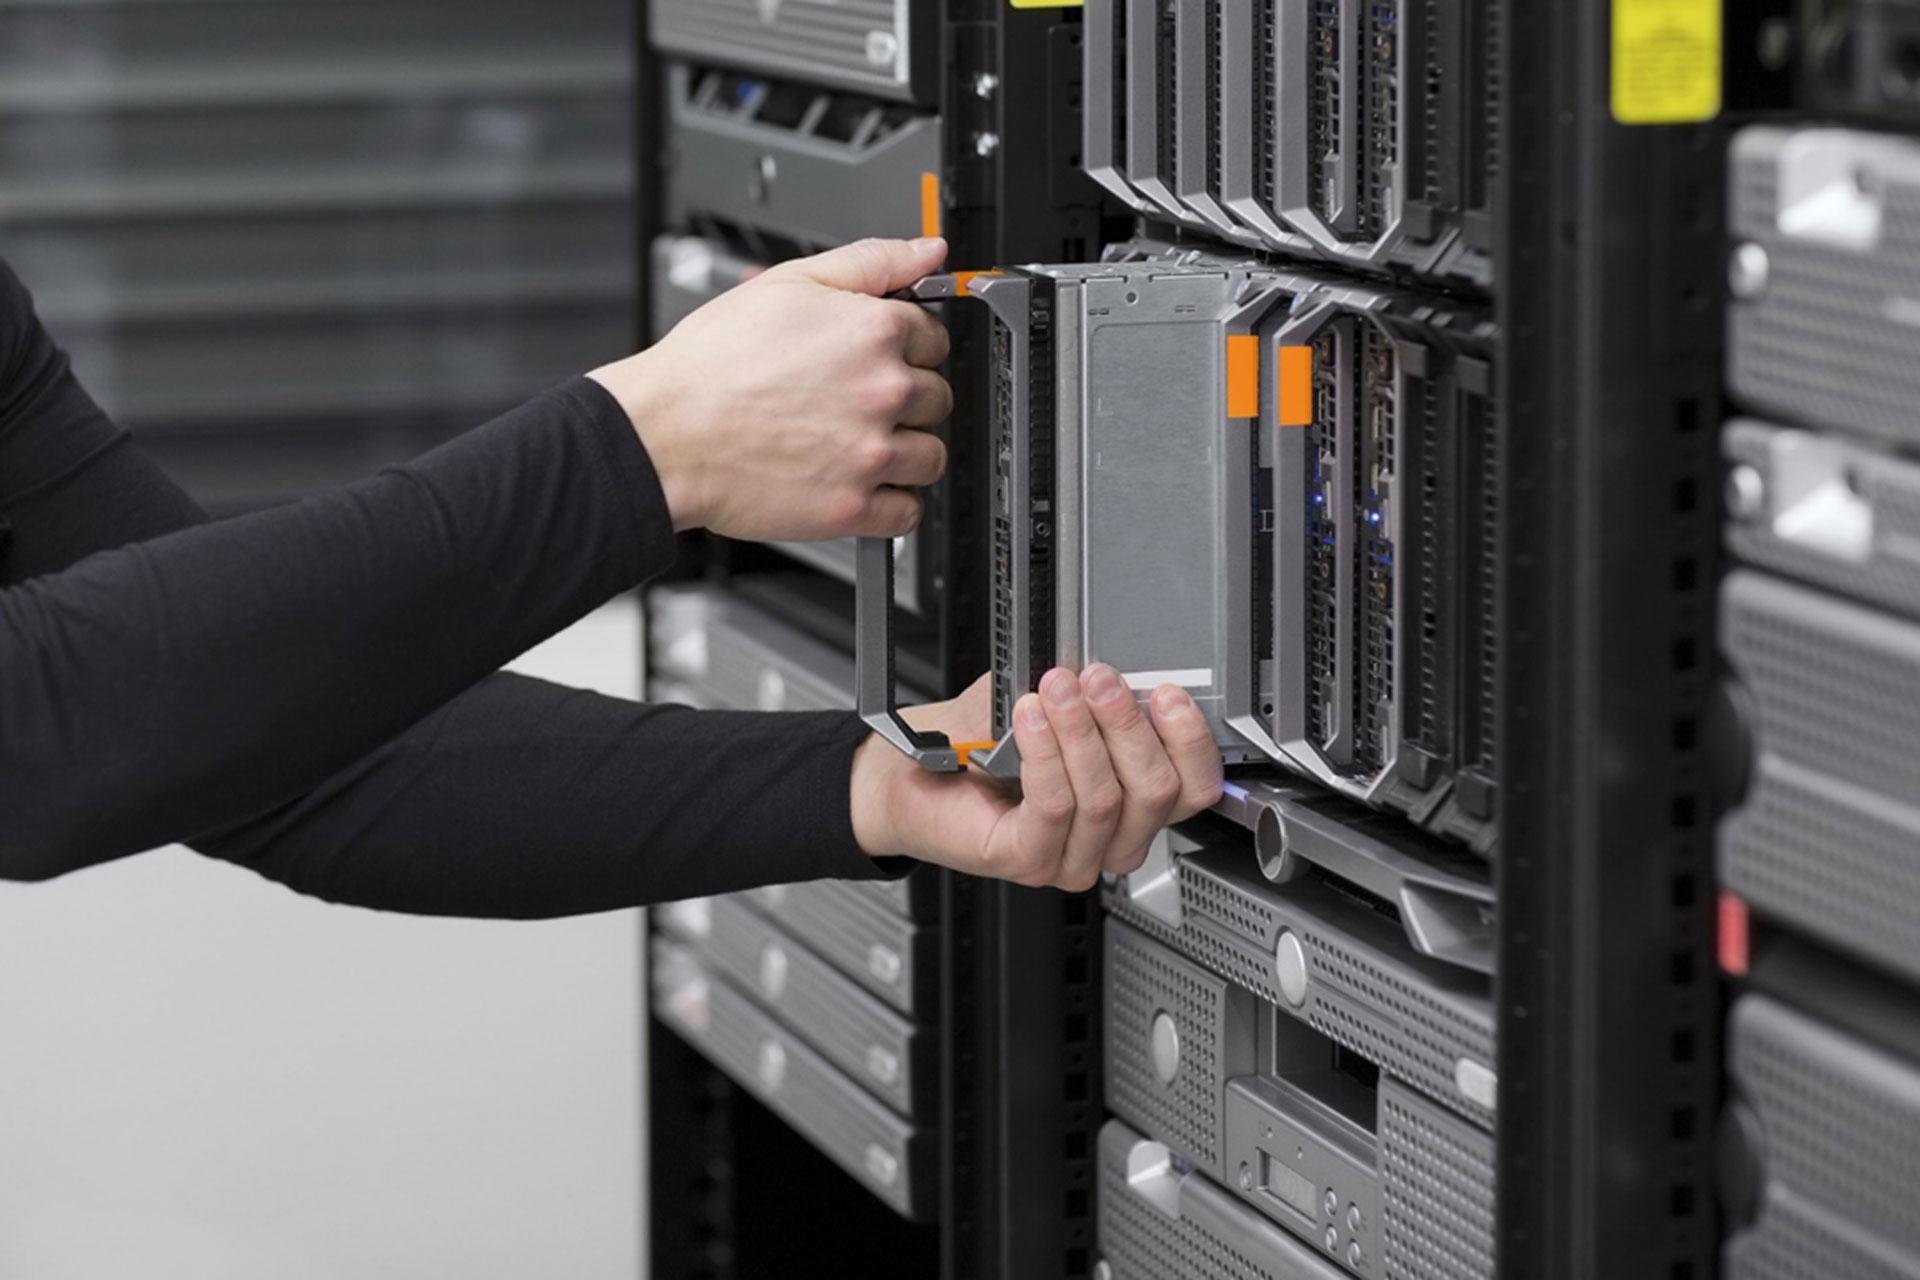 IT-Support Techniker (Dienstleistung)